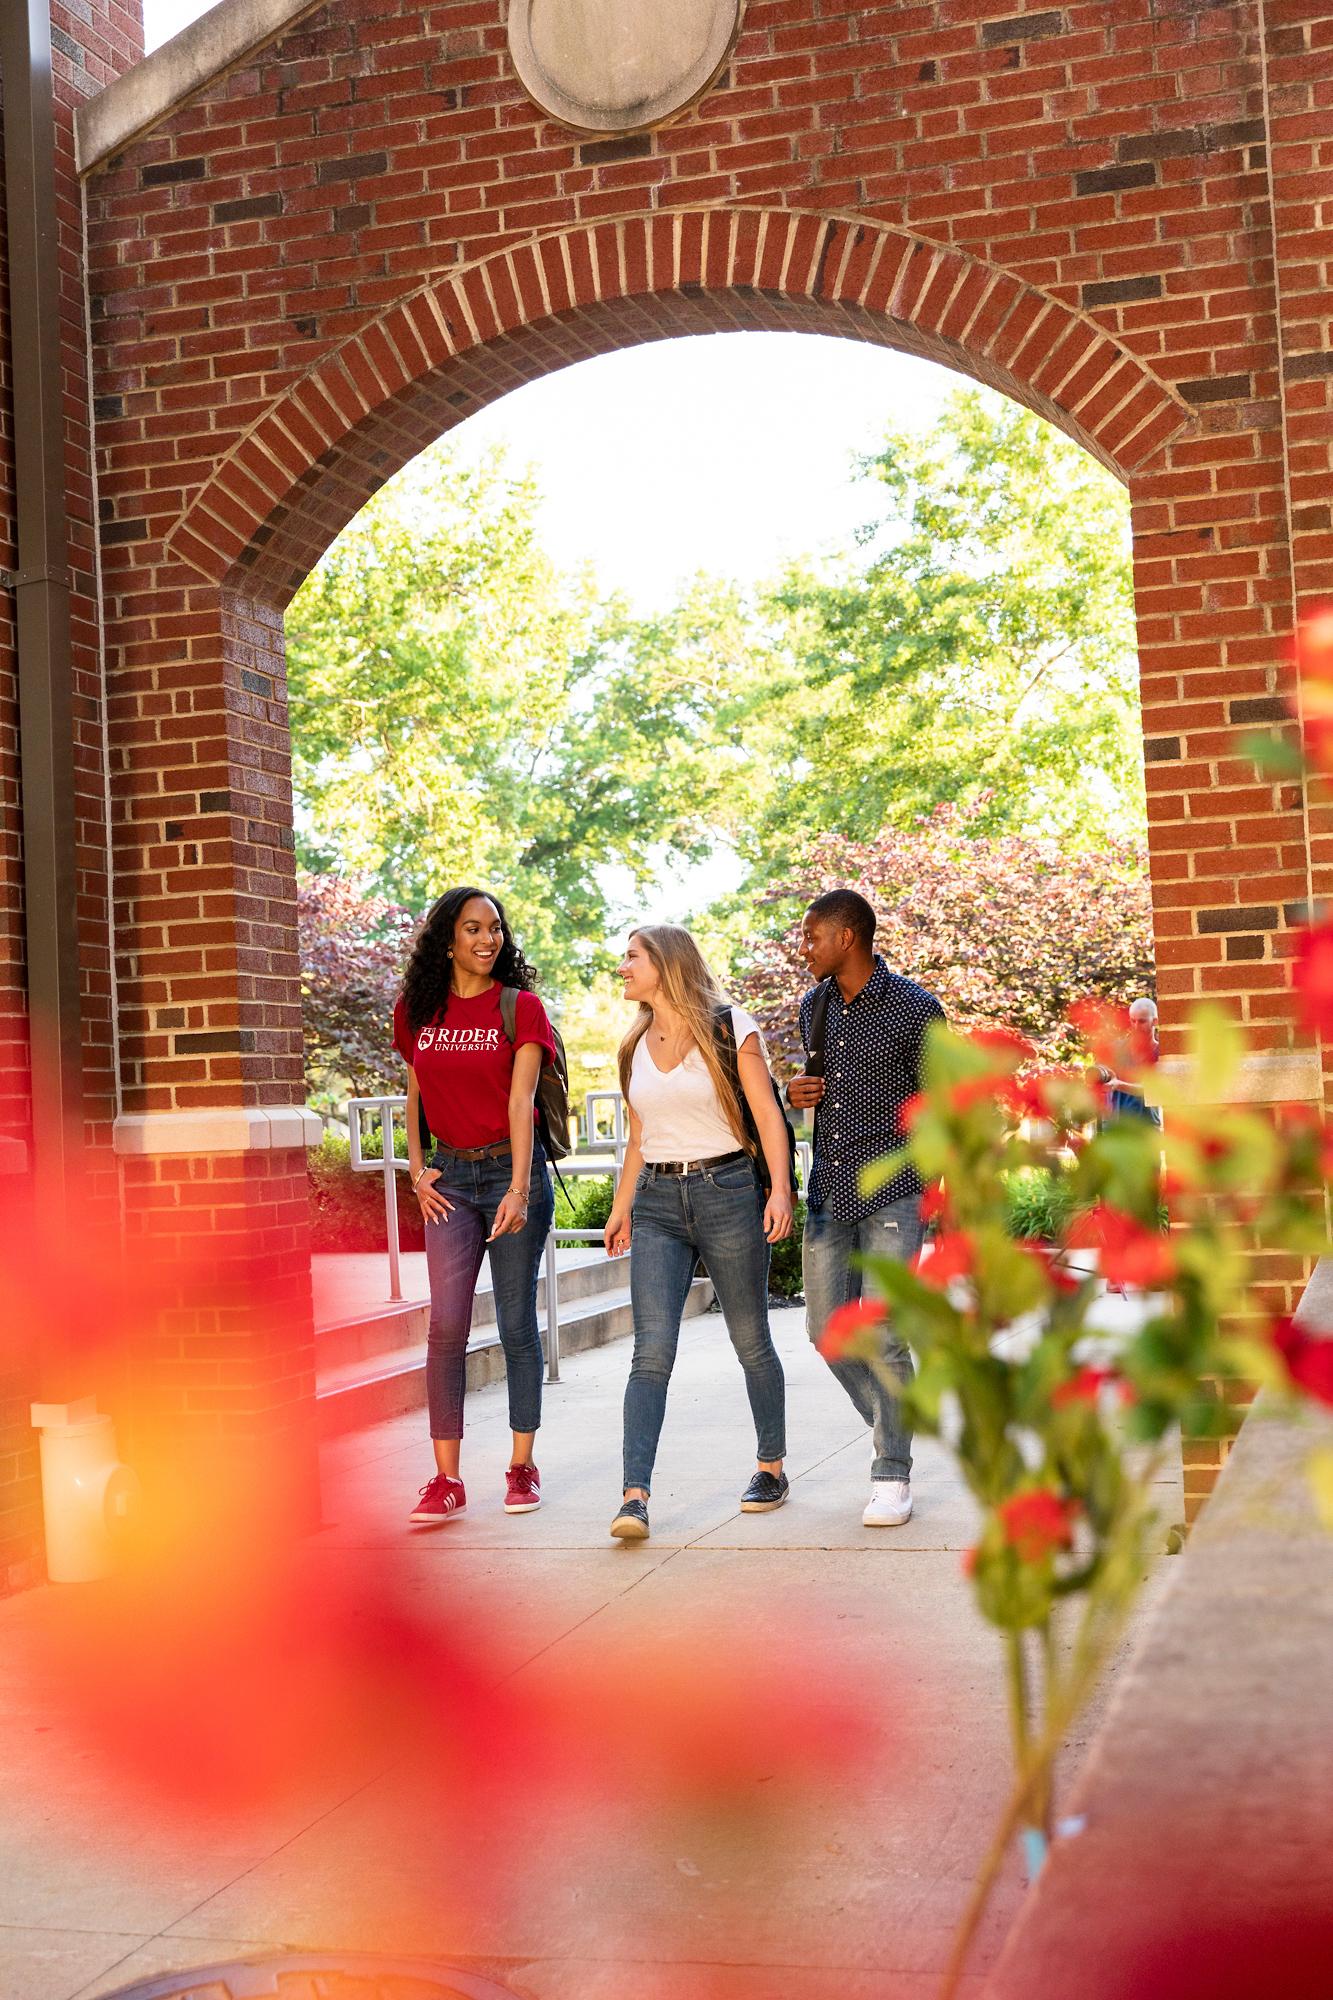 Students walk under archway on Rider campus